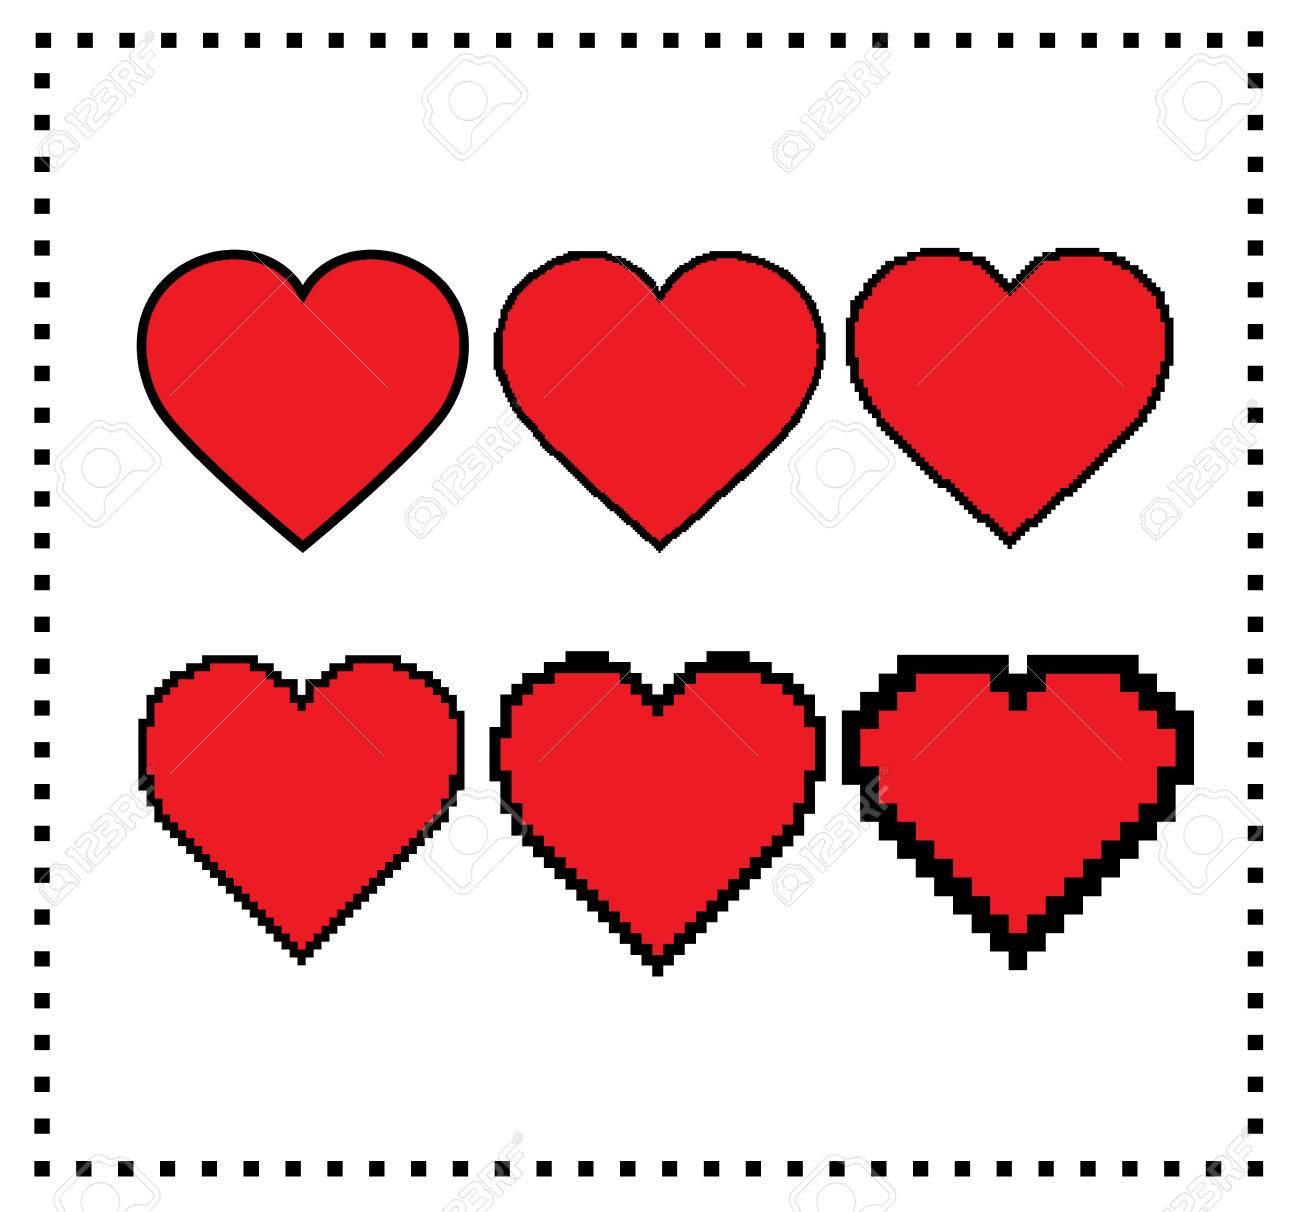 Coeurs Dart De Pixel Différent Taille De Pixel Grand Coeur De Pixel Petit Coeur De Pixel élément Graphique De Mouvement Coeurs De Pixel